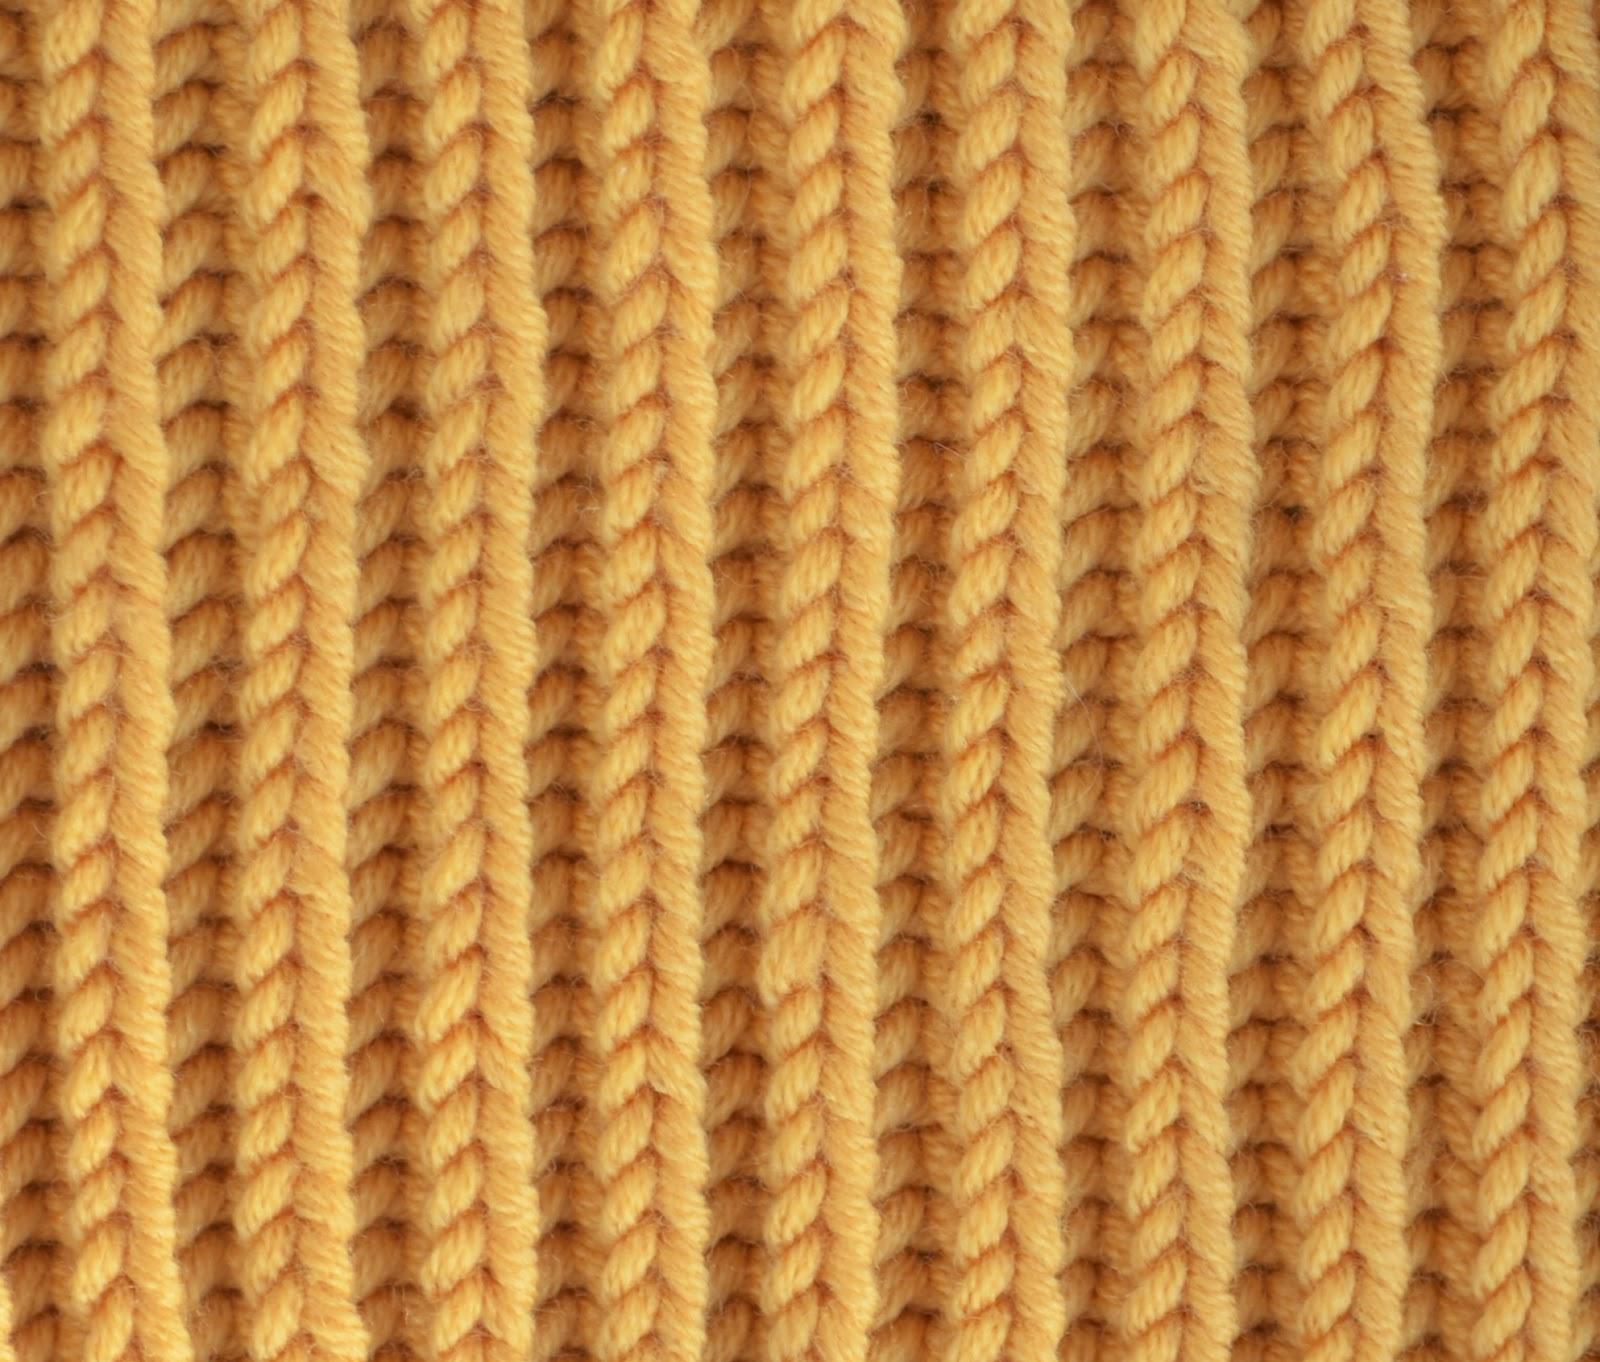 Textured Knits Brioche Stitch